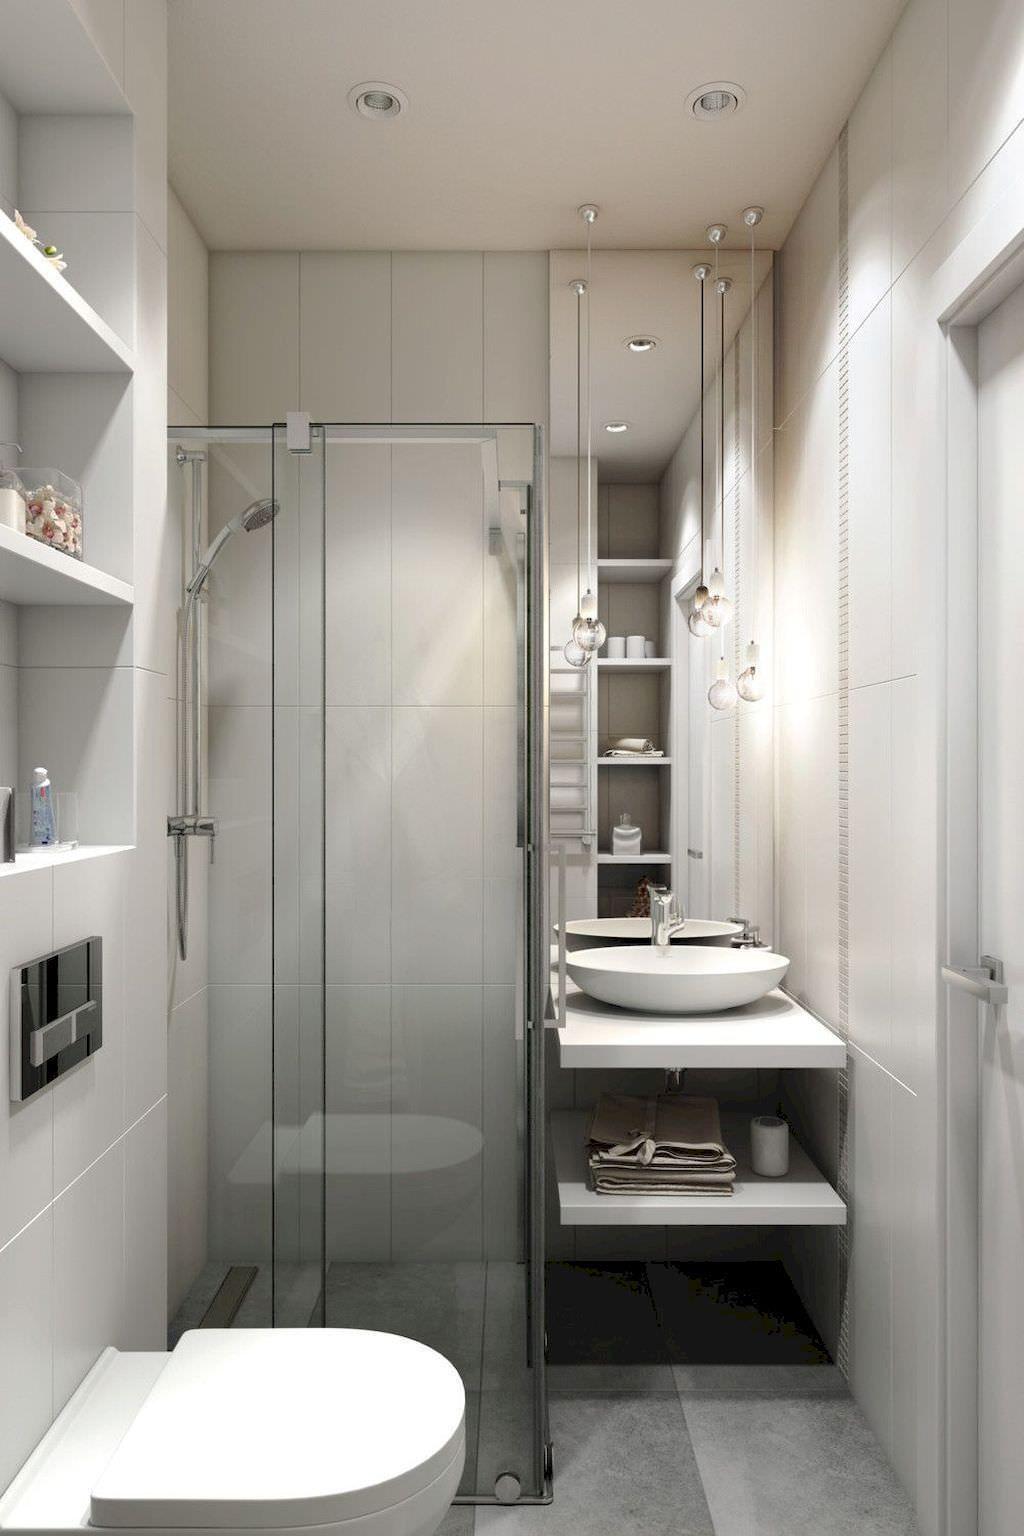 Immagini Di Bagni Piccoli 50 idee per ristrutturare un bagno piccolo, moderno e